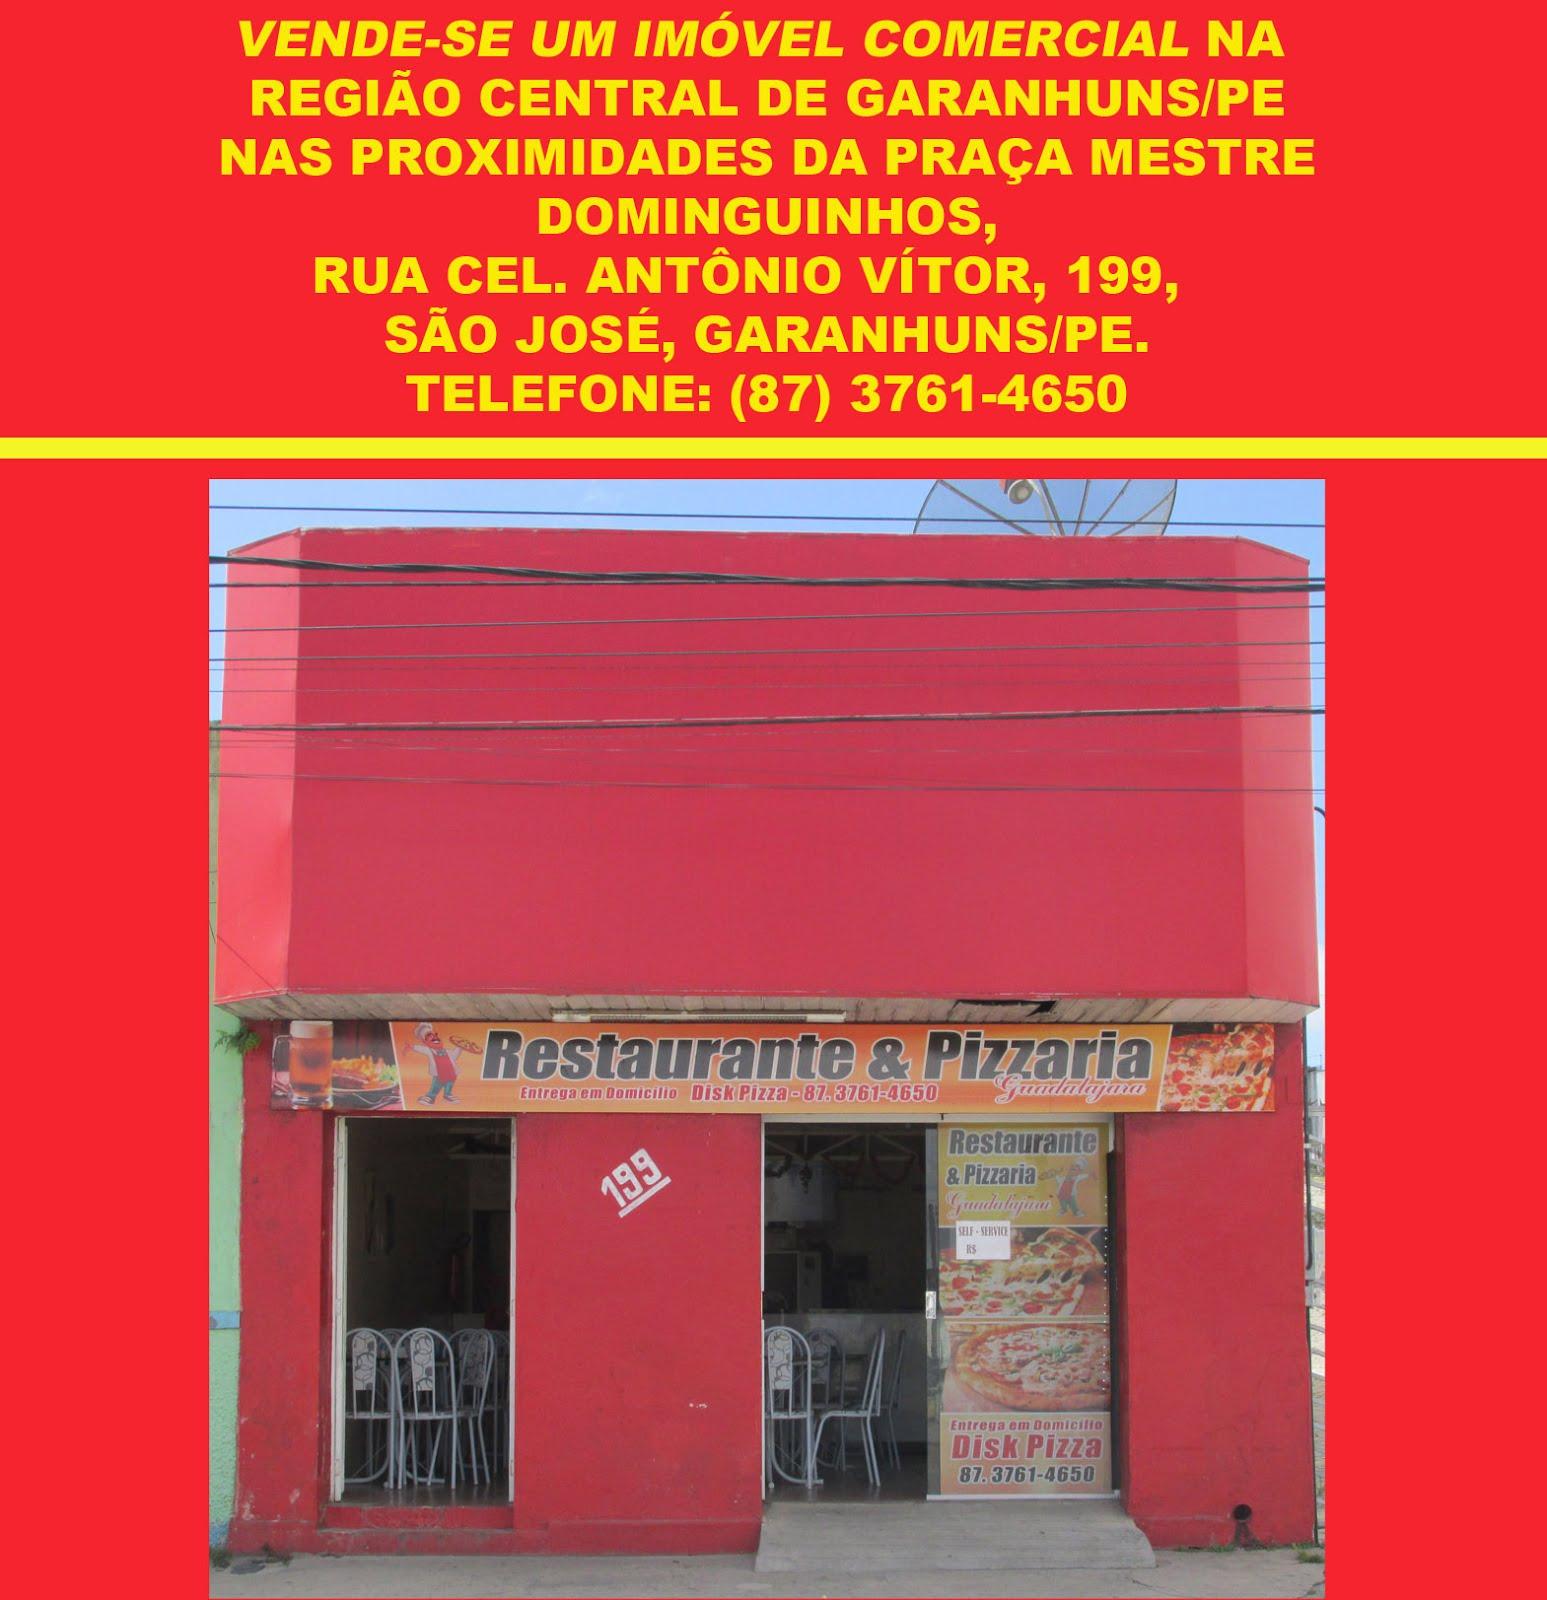 VENDE-SE UM IMÓVEL COMERCIAL NA REGIÃO CENTRAL DE GARANHUNS/PE